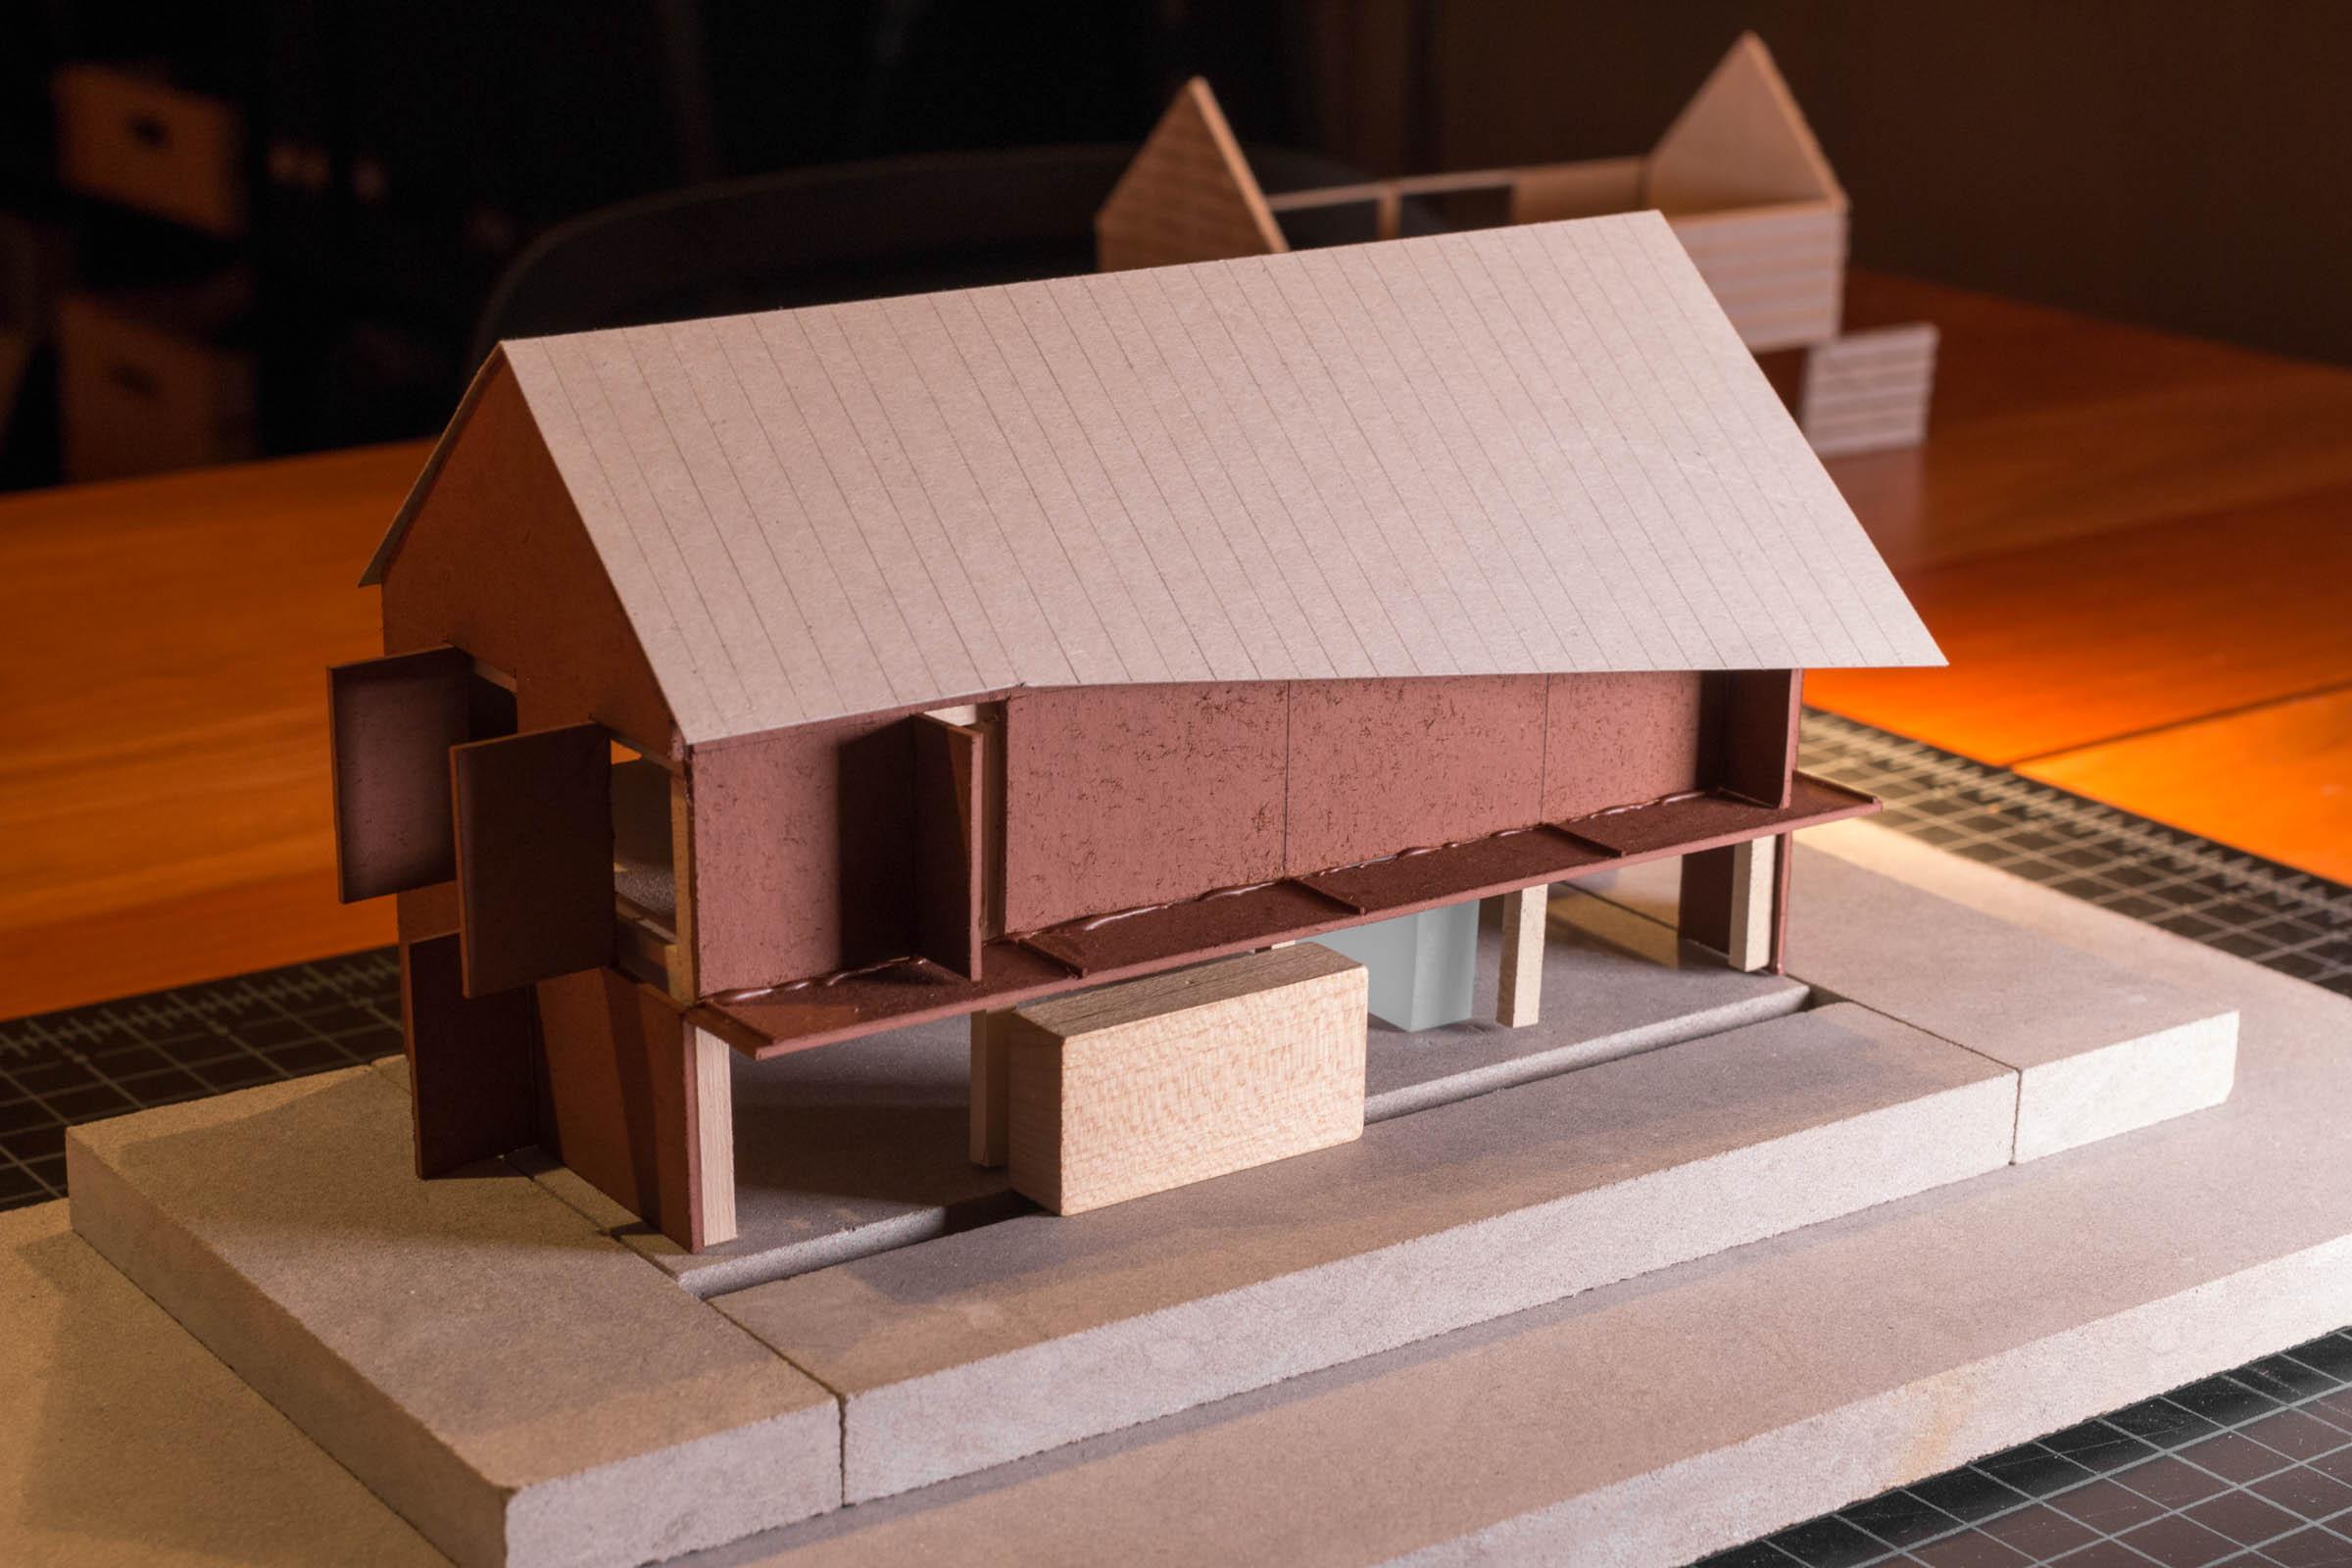 model making techniques-8.jpg